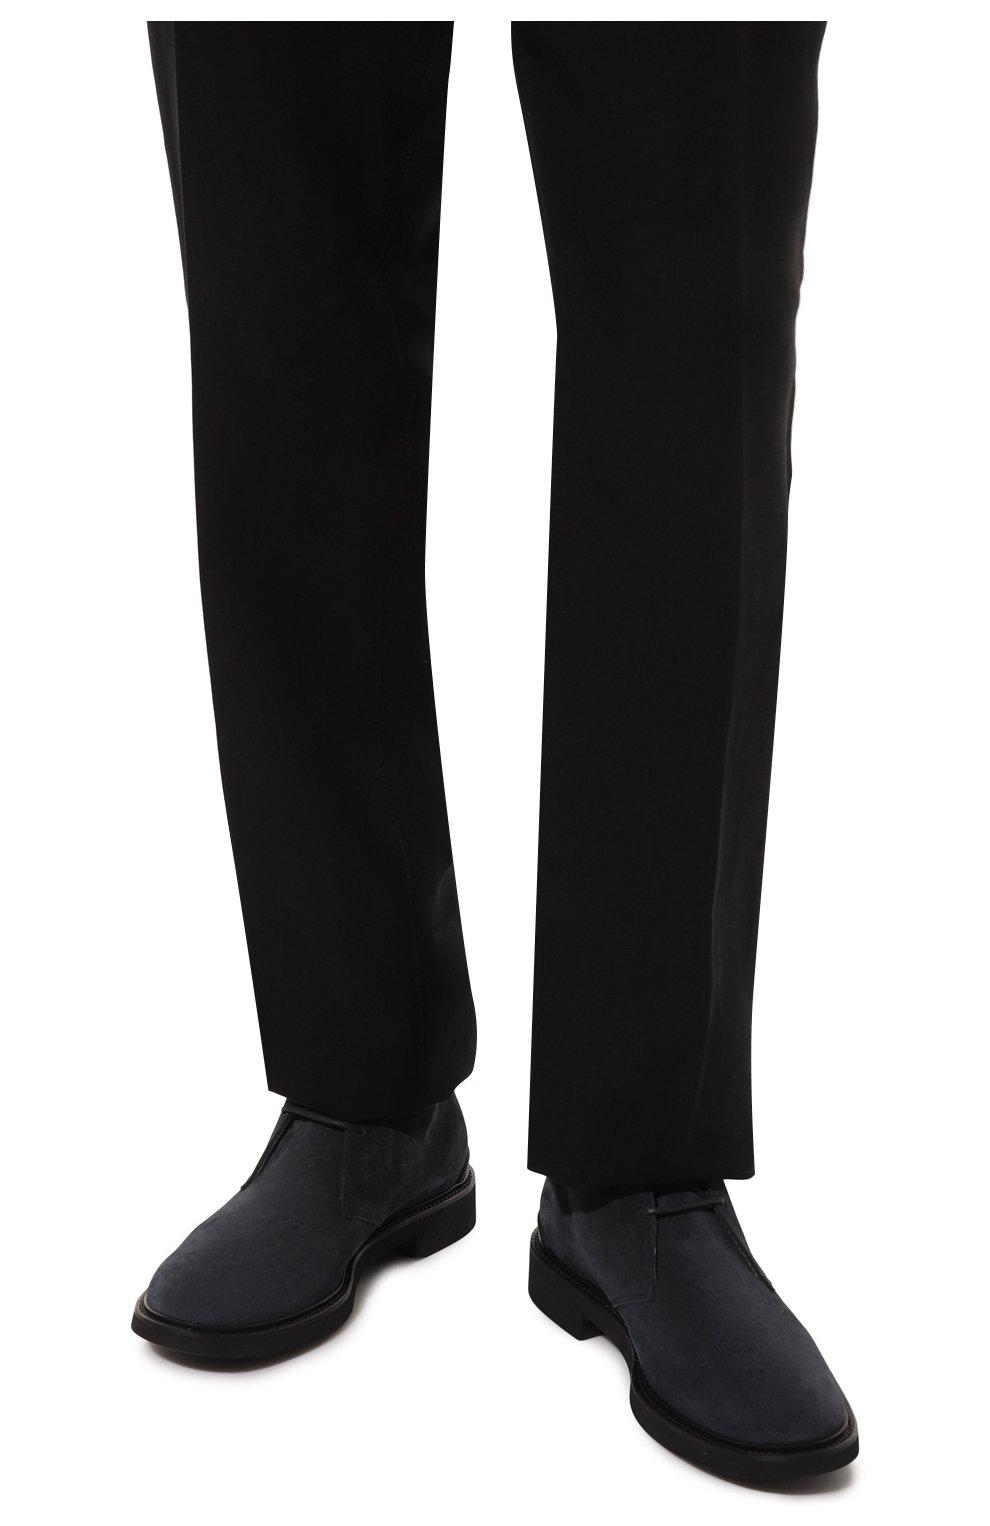 Мужские замшевые ботинки TOD'S темно-синего цвета, арт. XXM06H00D80RE0   Фото 3 (Мужское Кросс-КТ: Ботинки-обувь, Дезерты-обувь; Материал внутренний: Натуральная кожа; Подошва: Плоская; Материал внешний: Замша)